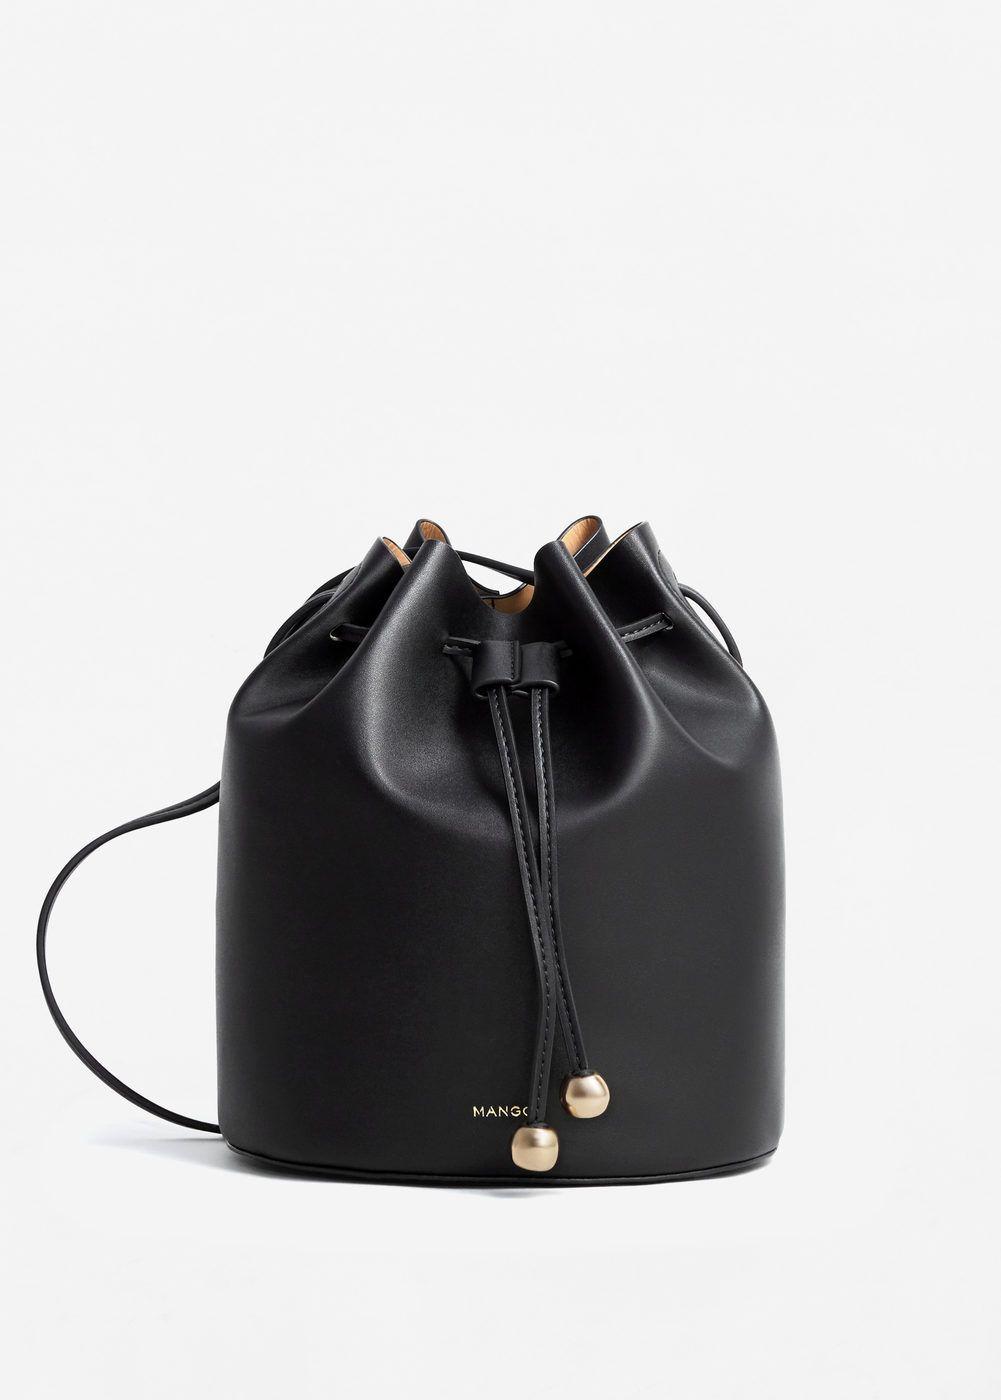 404cb6e4a706c Bucket bag